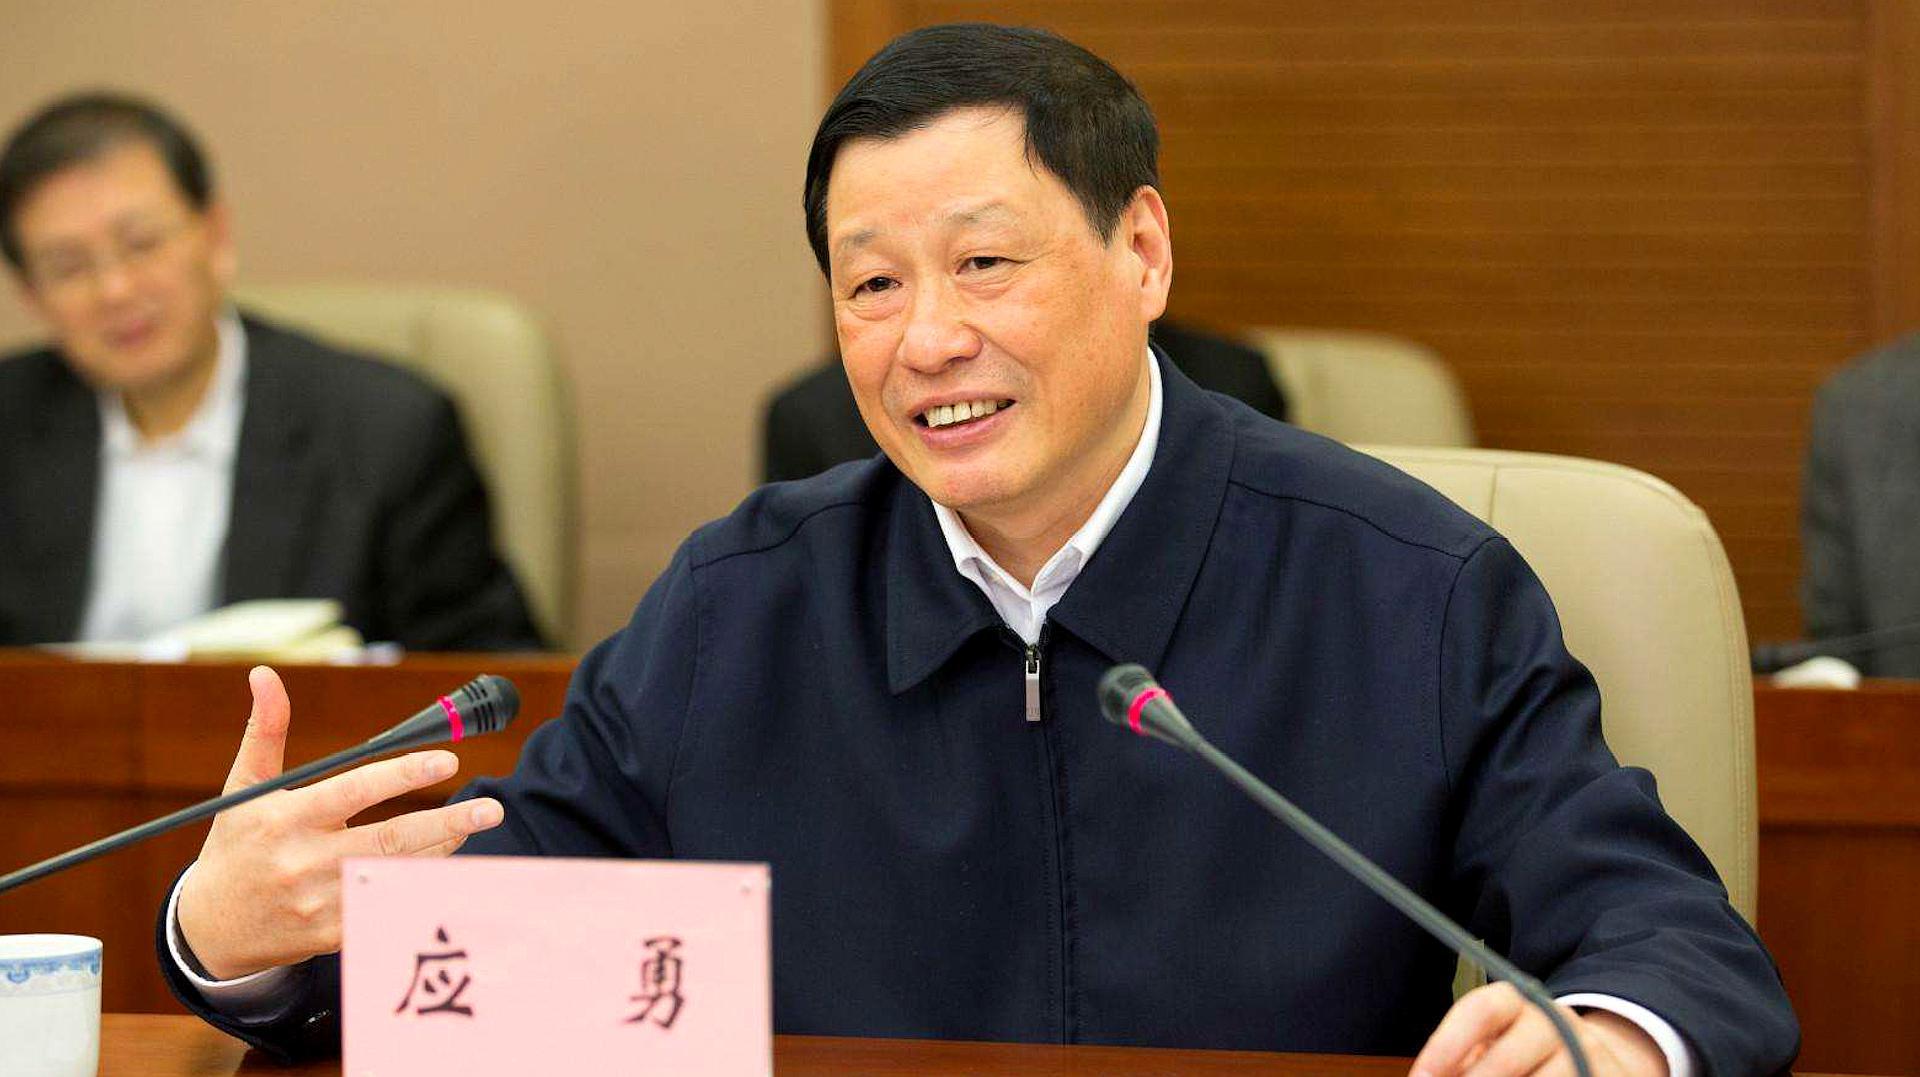 """重磅!上海市长应勇任湖北省委书记 40秒回顾""""政法老兵""""履历"""